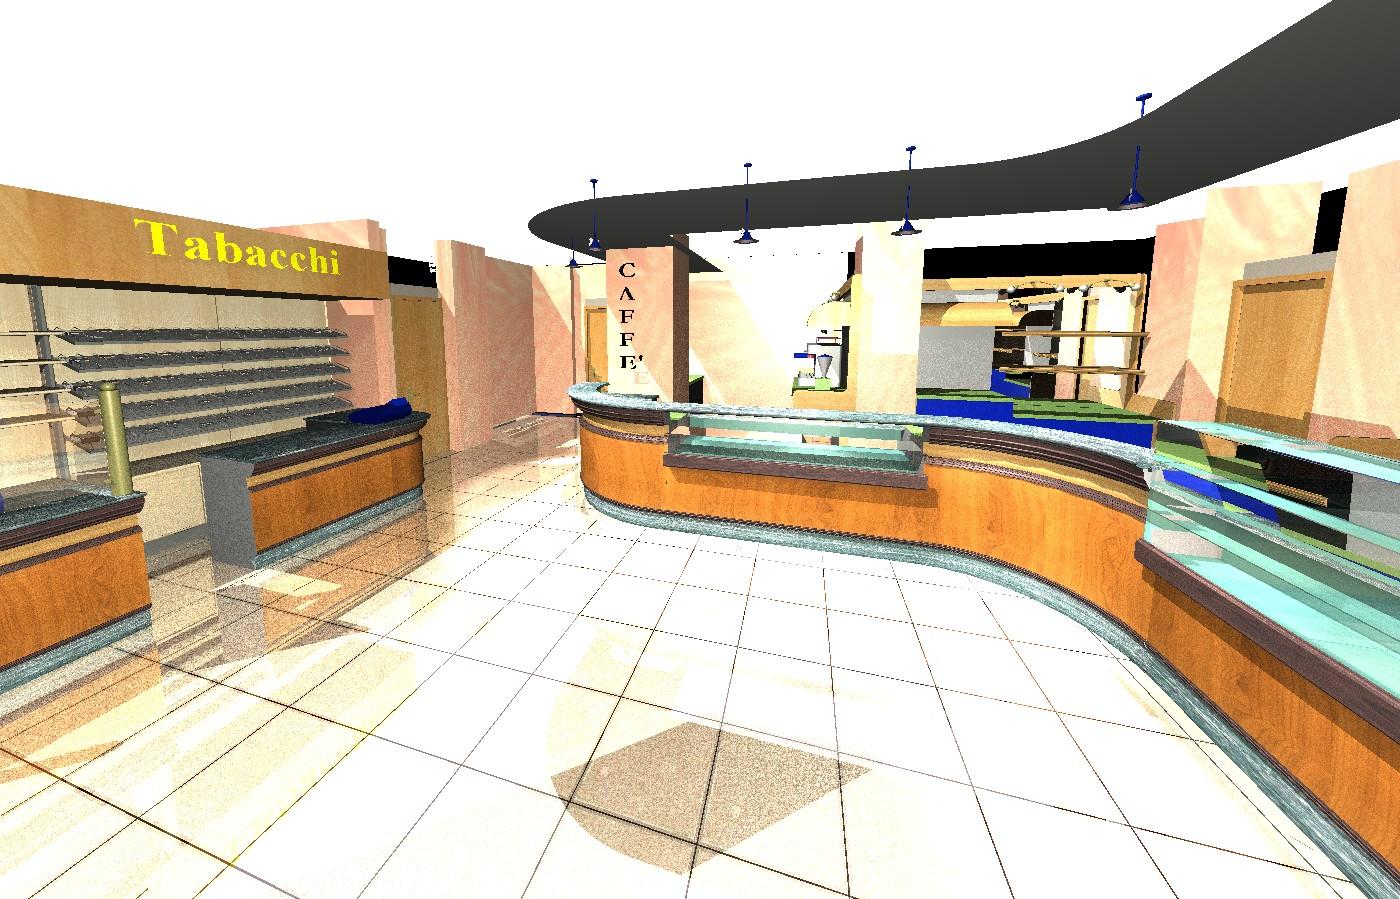 Progetto bar tabaccheria for Arredamento bar tabacchi